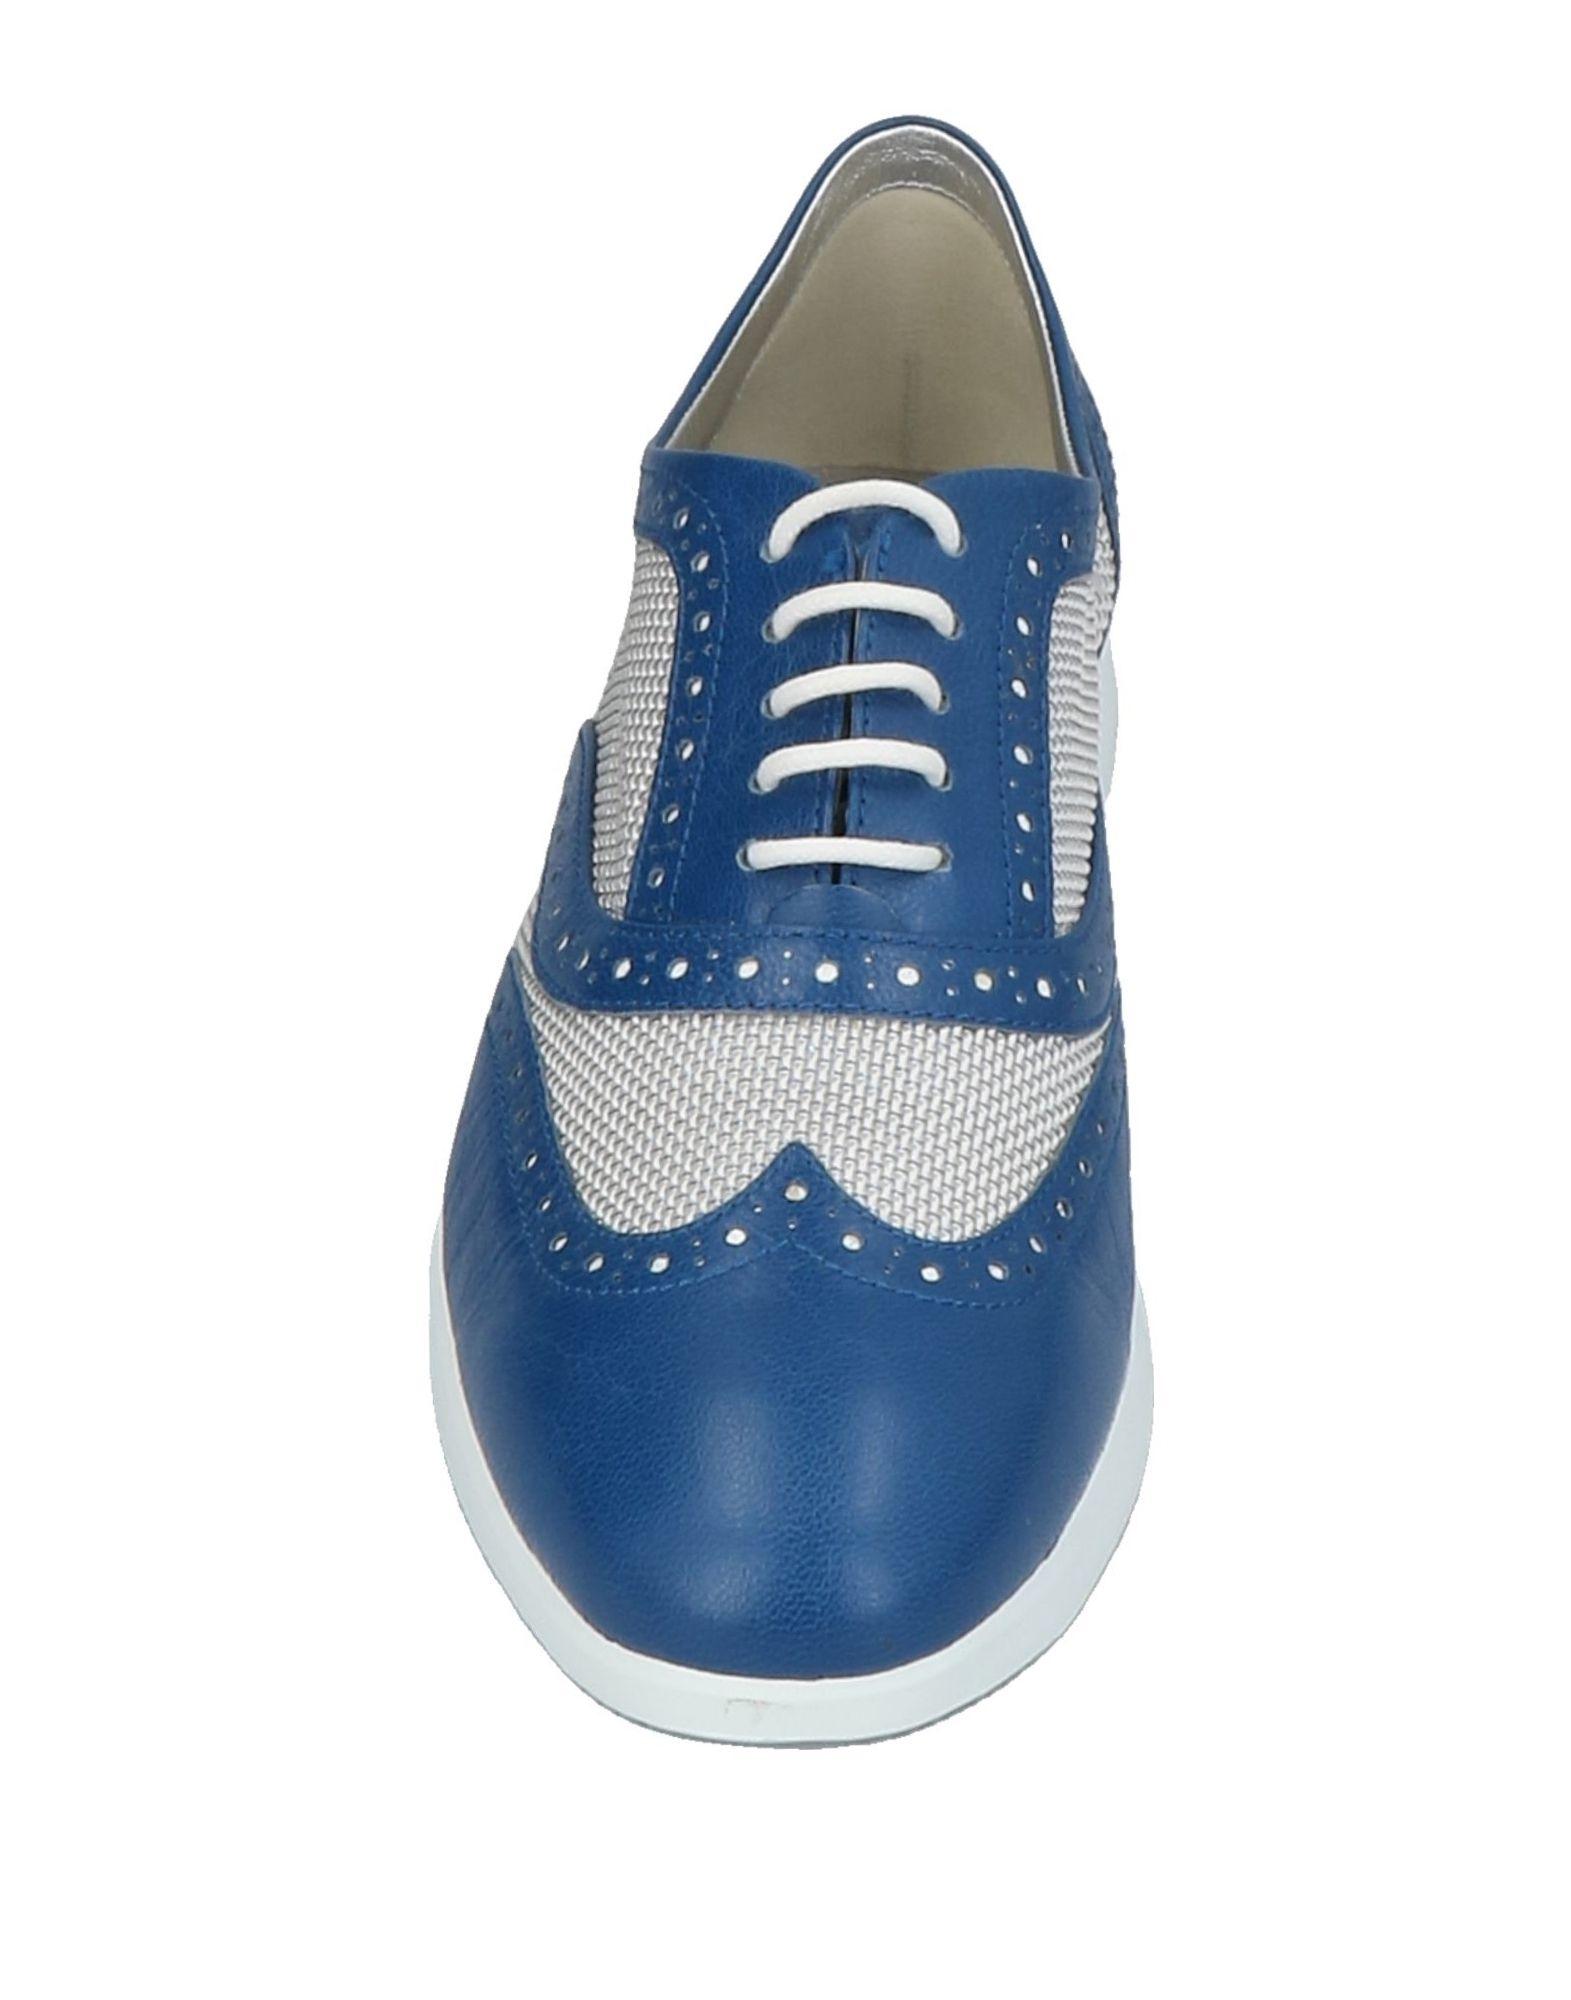 Hogan Sneakers - Women Women Women Hogan Sneakers online on  United Kingdom - 11442187TT 9f5725